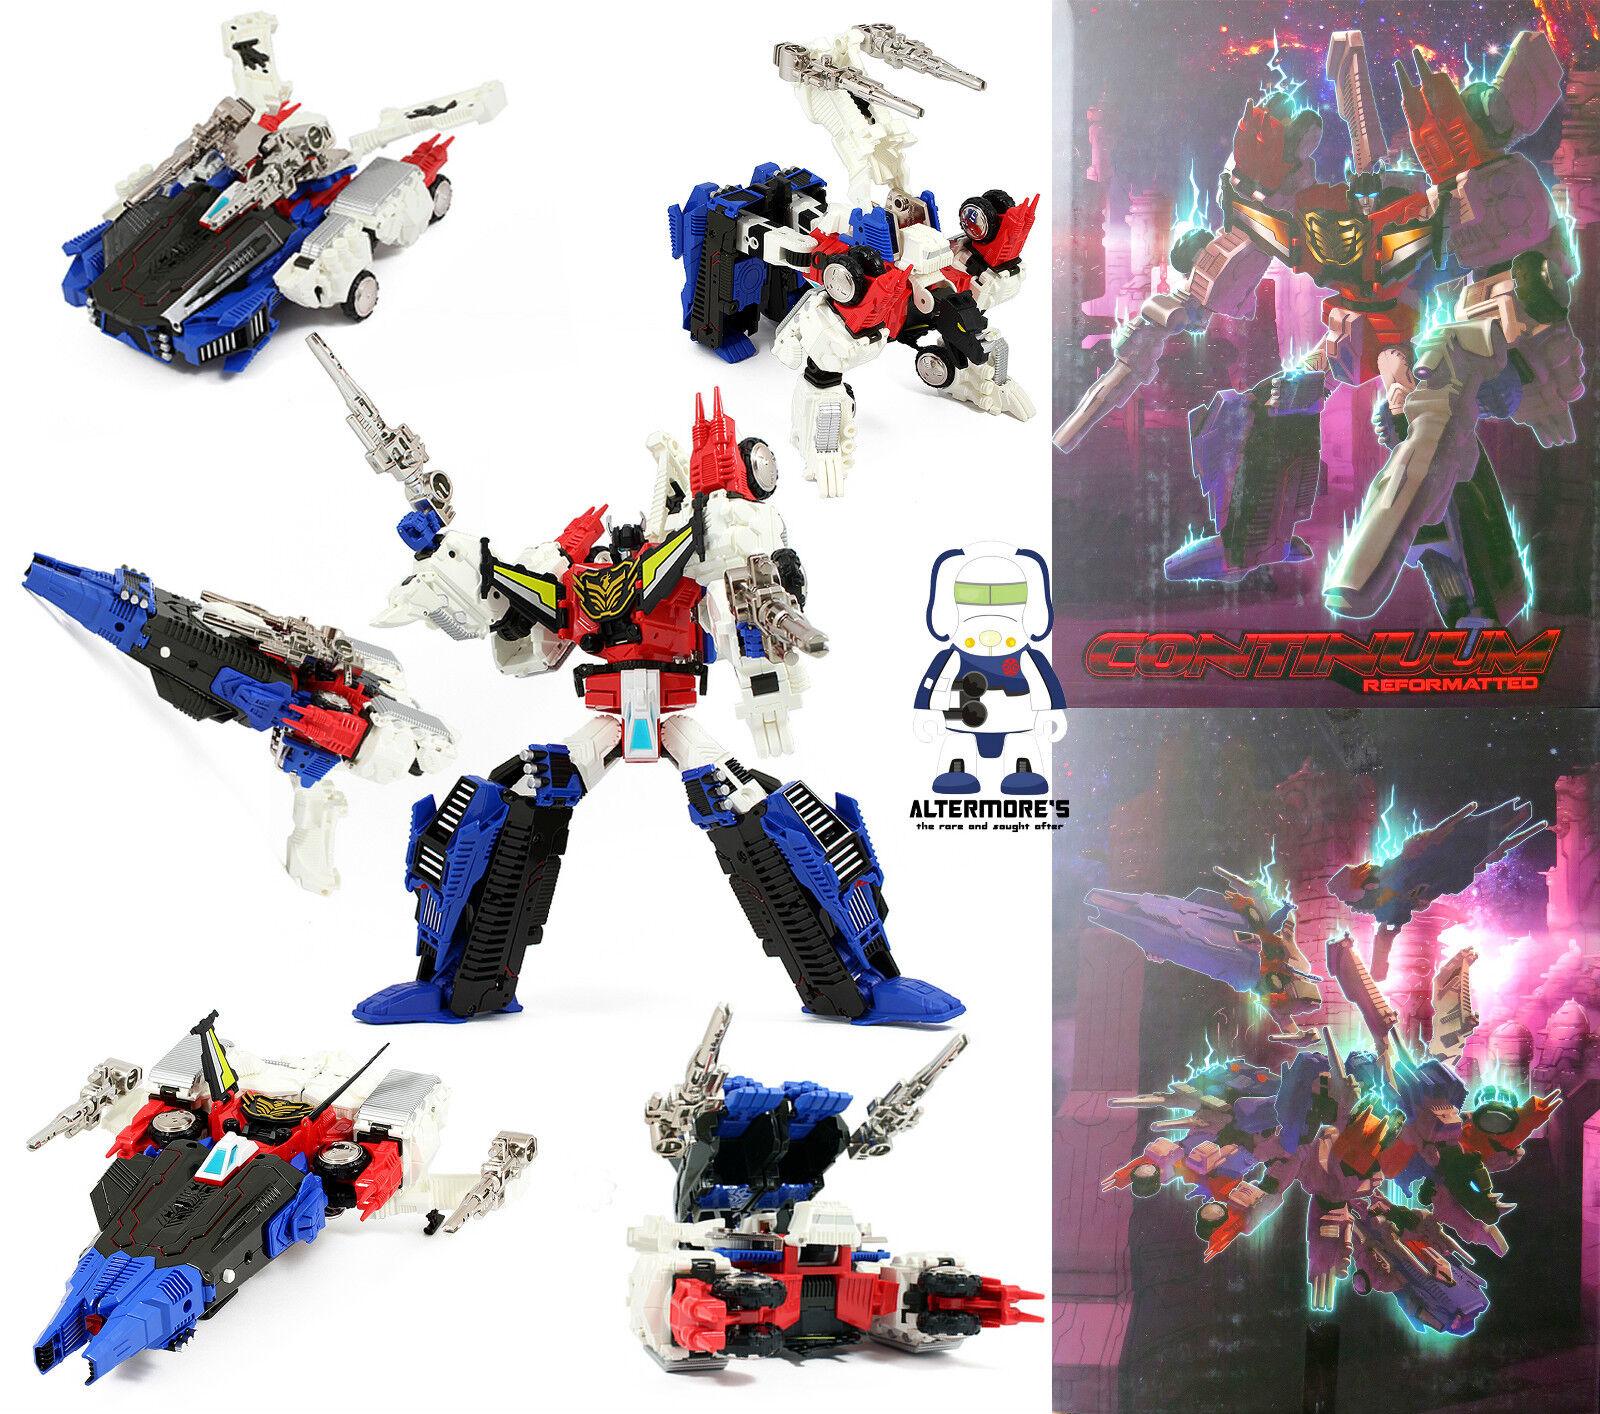 Transformers MASTERMIND CREATIONS R-01G grandus Hexatron Altrimenti detto greatshot NUOVO IN SCATOLA SIGILLATA